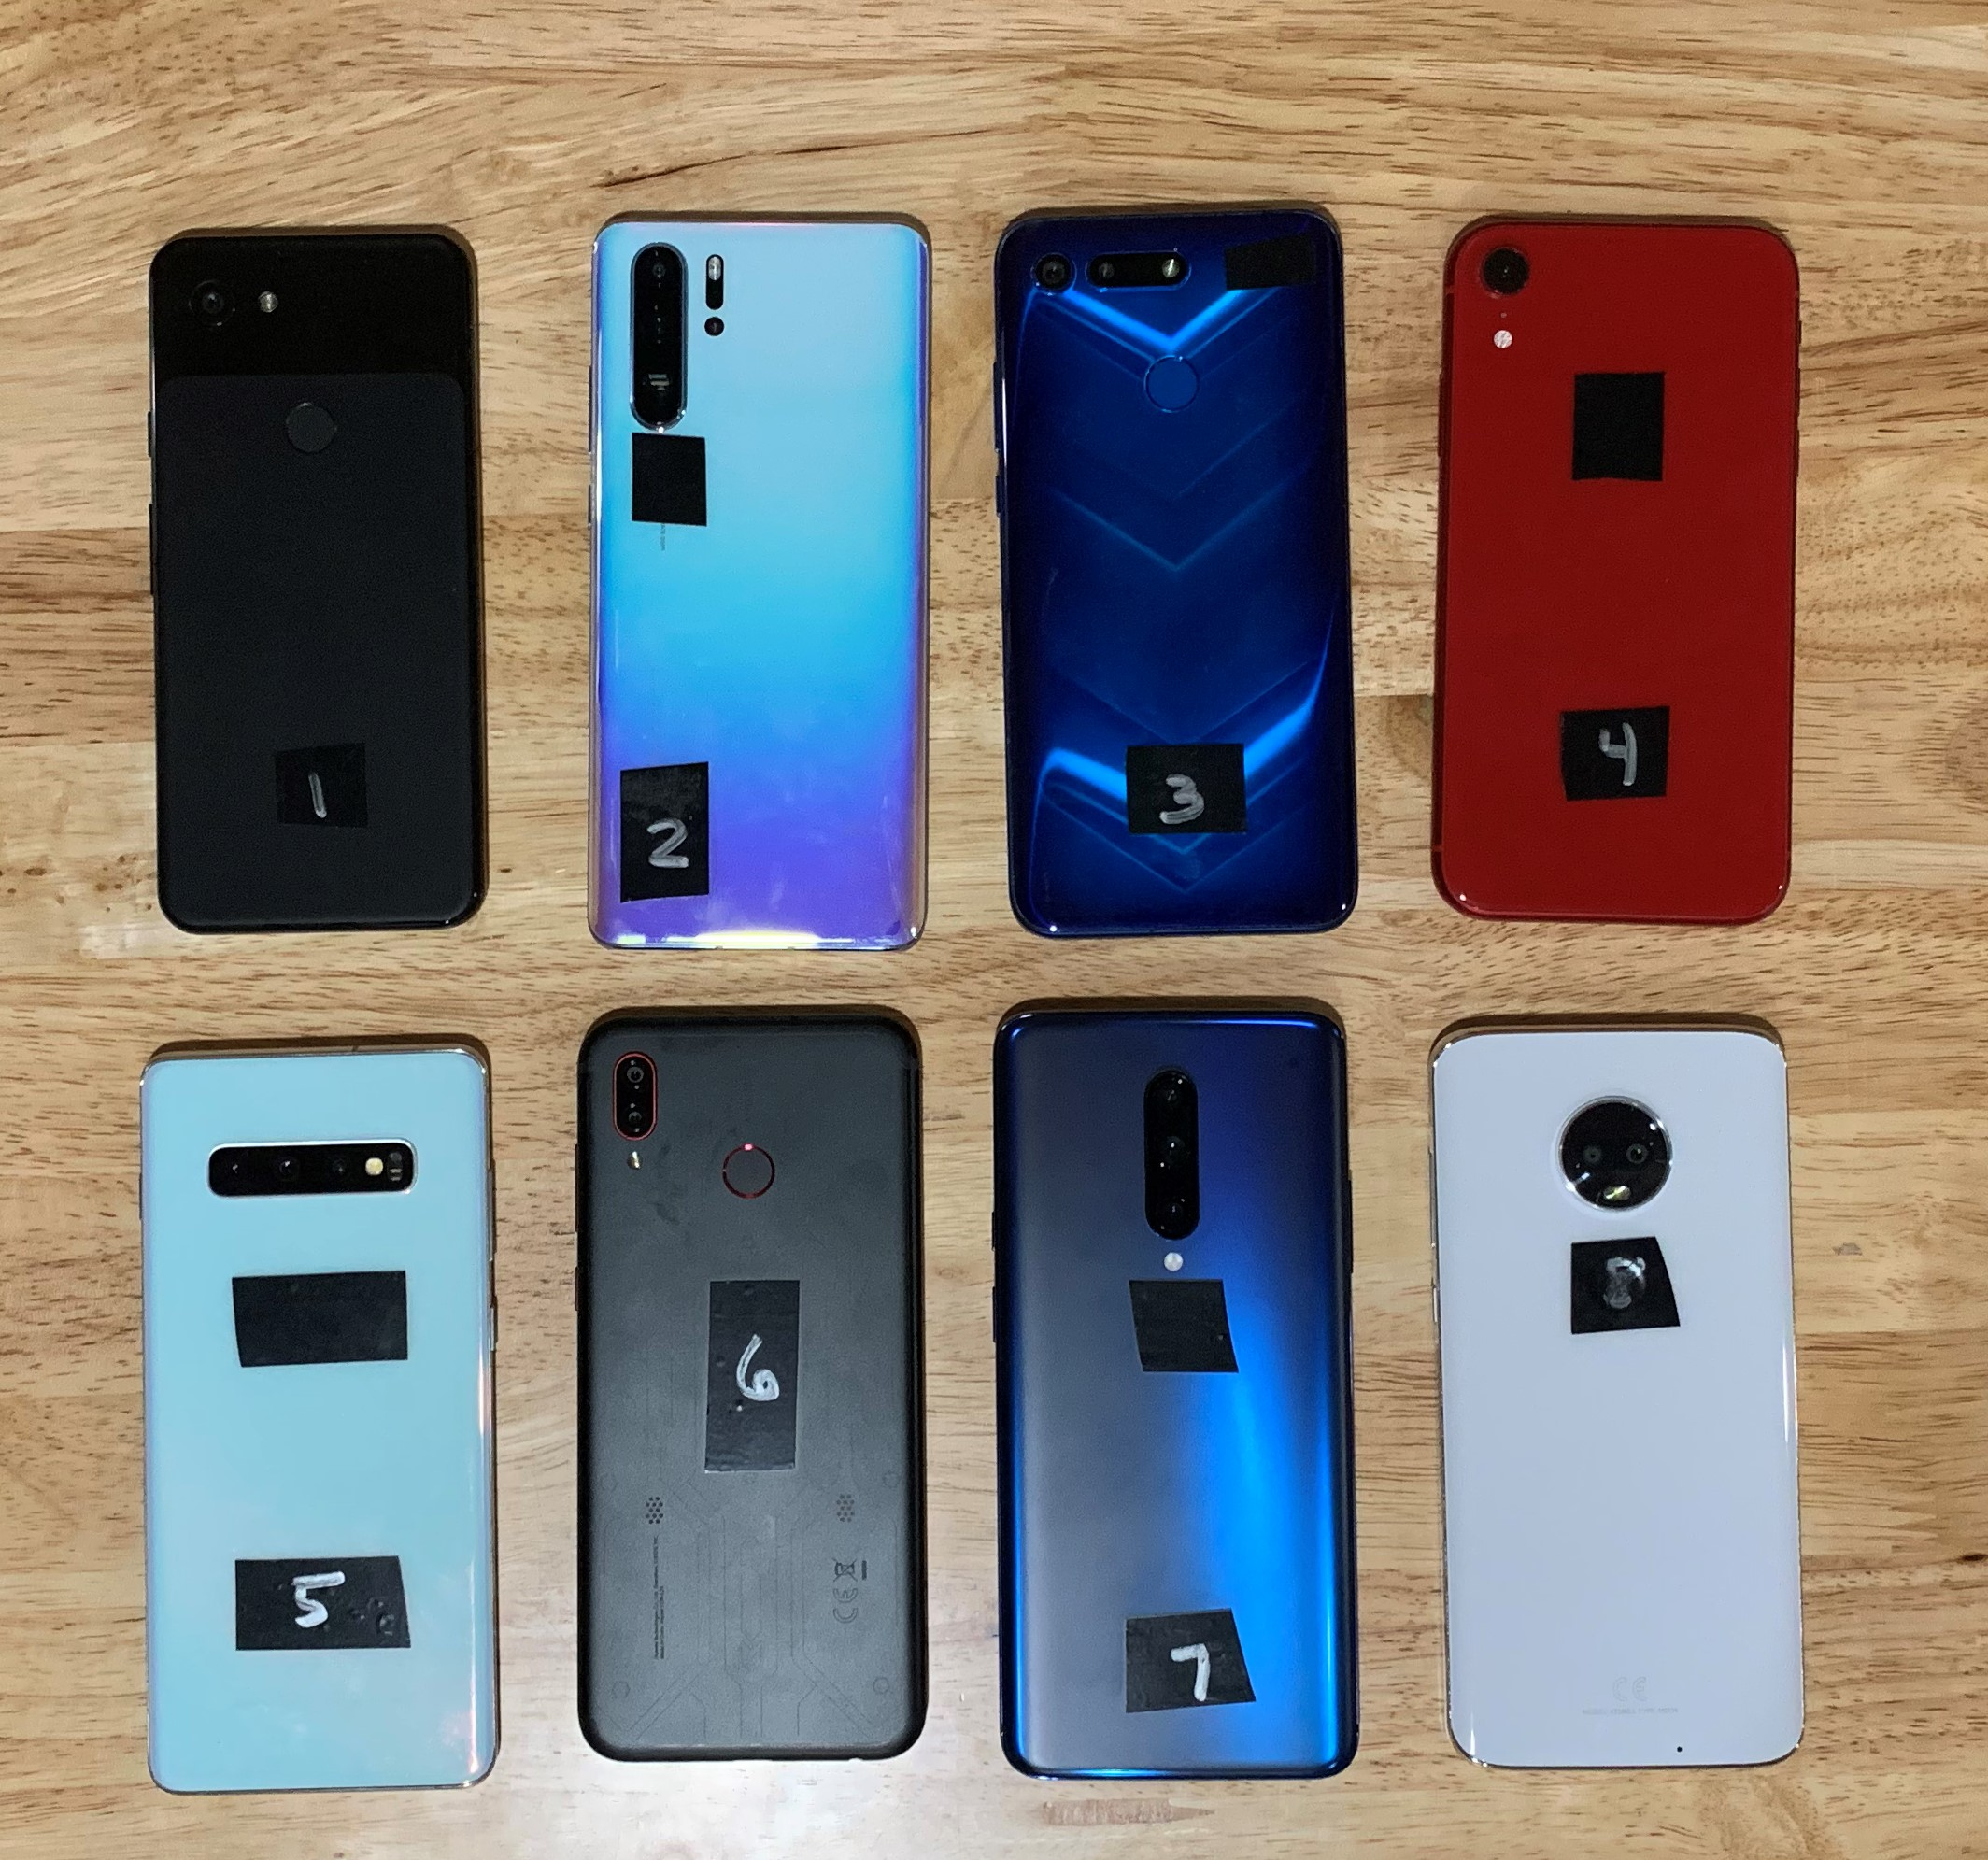 Smartphones Lineup